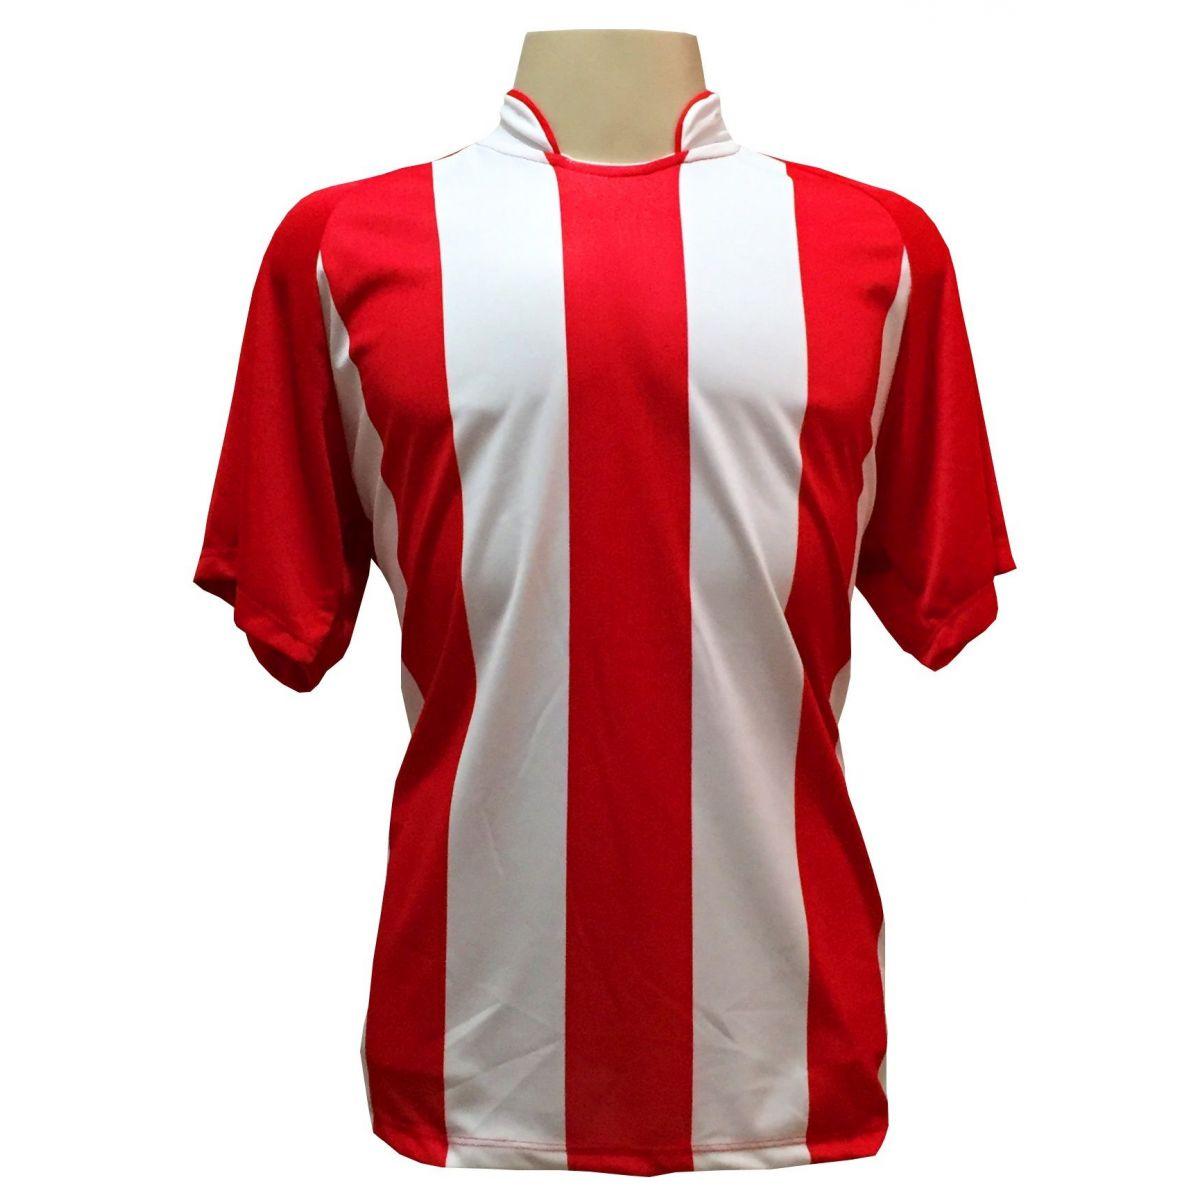 Uniforme Esportivo com 12 Camisas modelo Milan Vermelho/Branco + 12 Calções modelo Madrid Royal + 12 Pares de meiões Royal